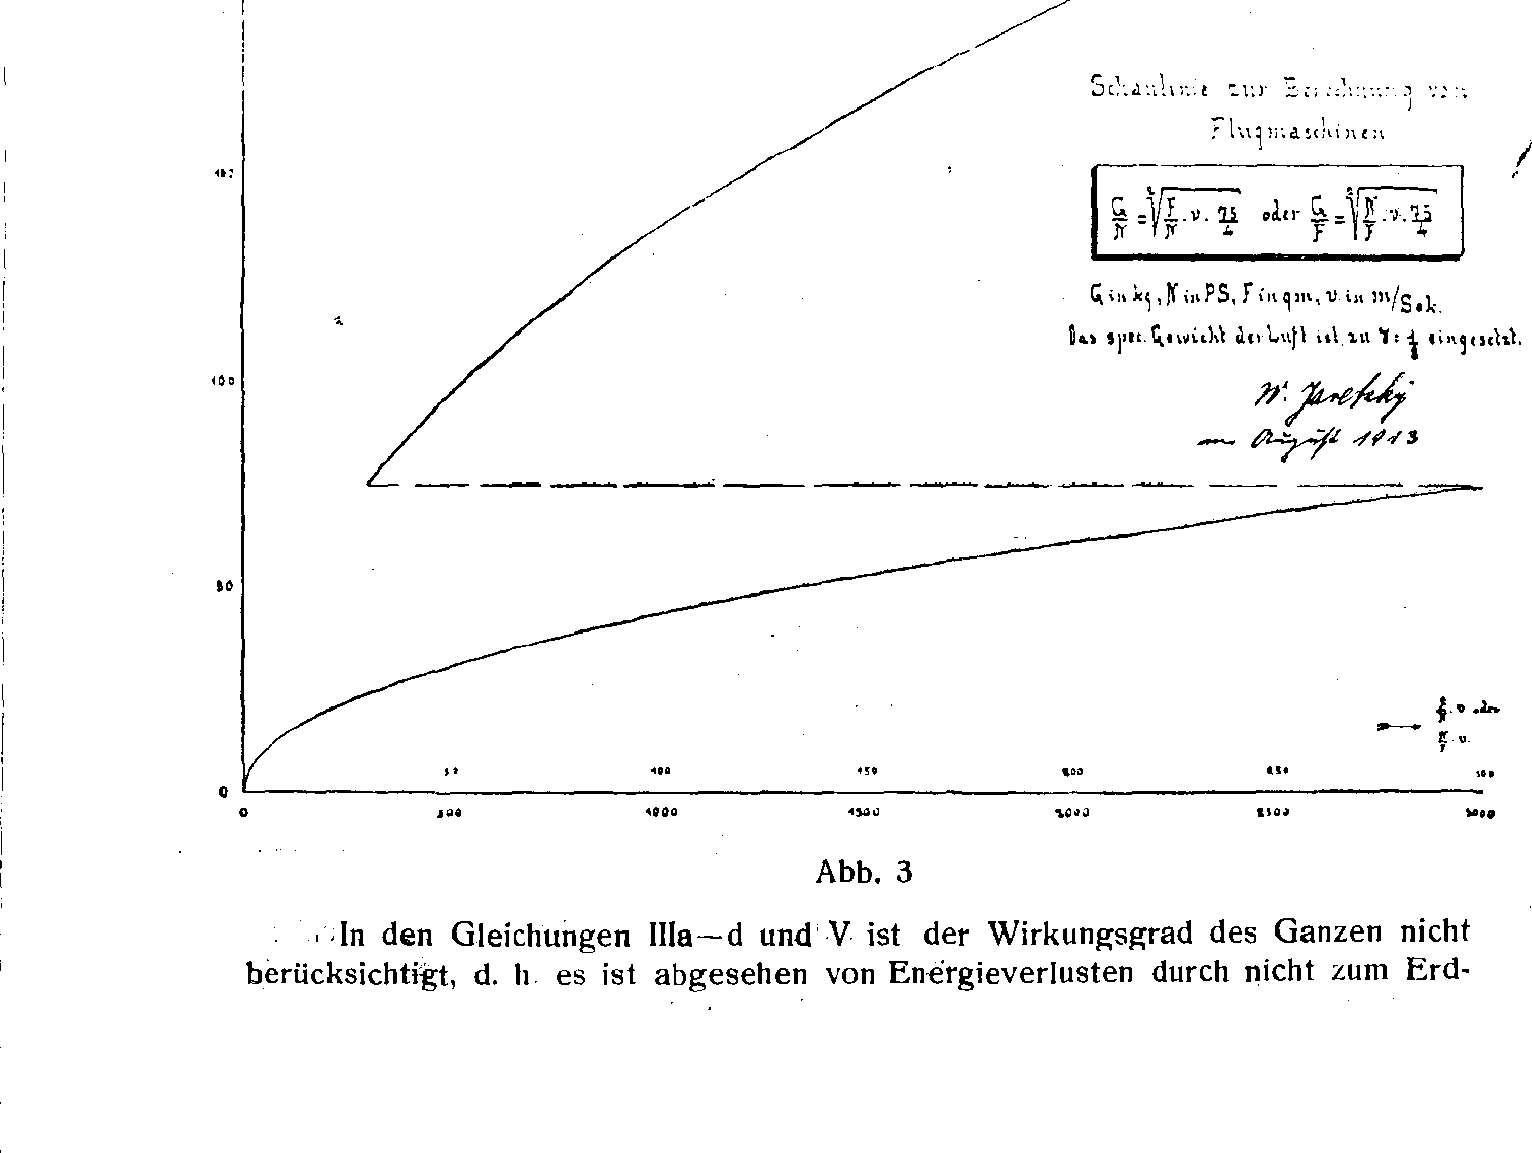 Reichswehr sowie Luftwaffe und Luftfahrt im Ersten Weltkrieg - Motorflug sowie Fliegerei und Flugzeuge im Jahre 1914